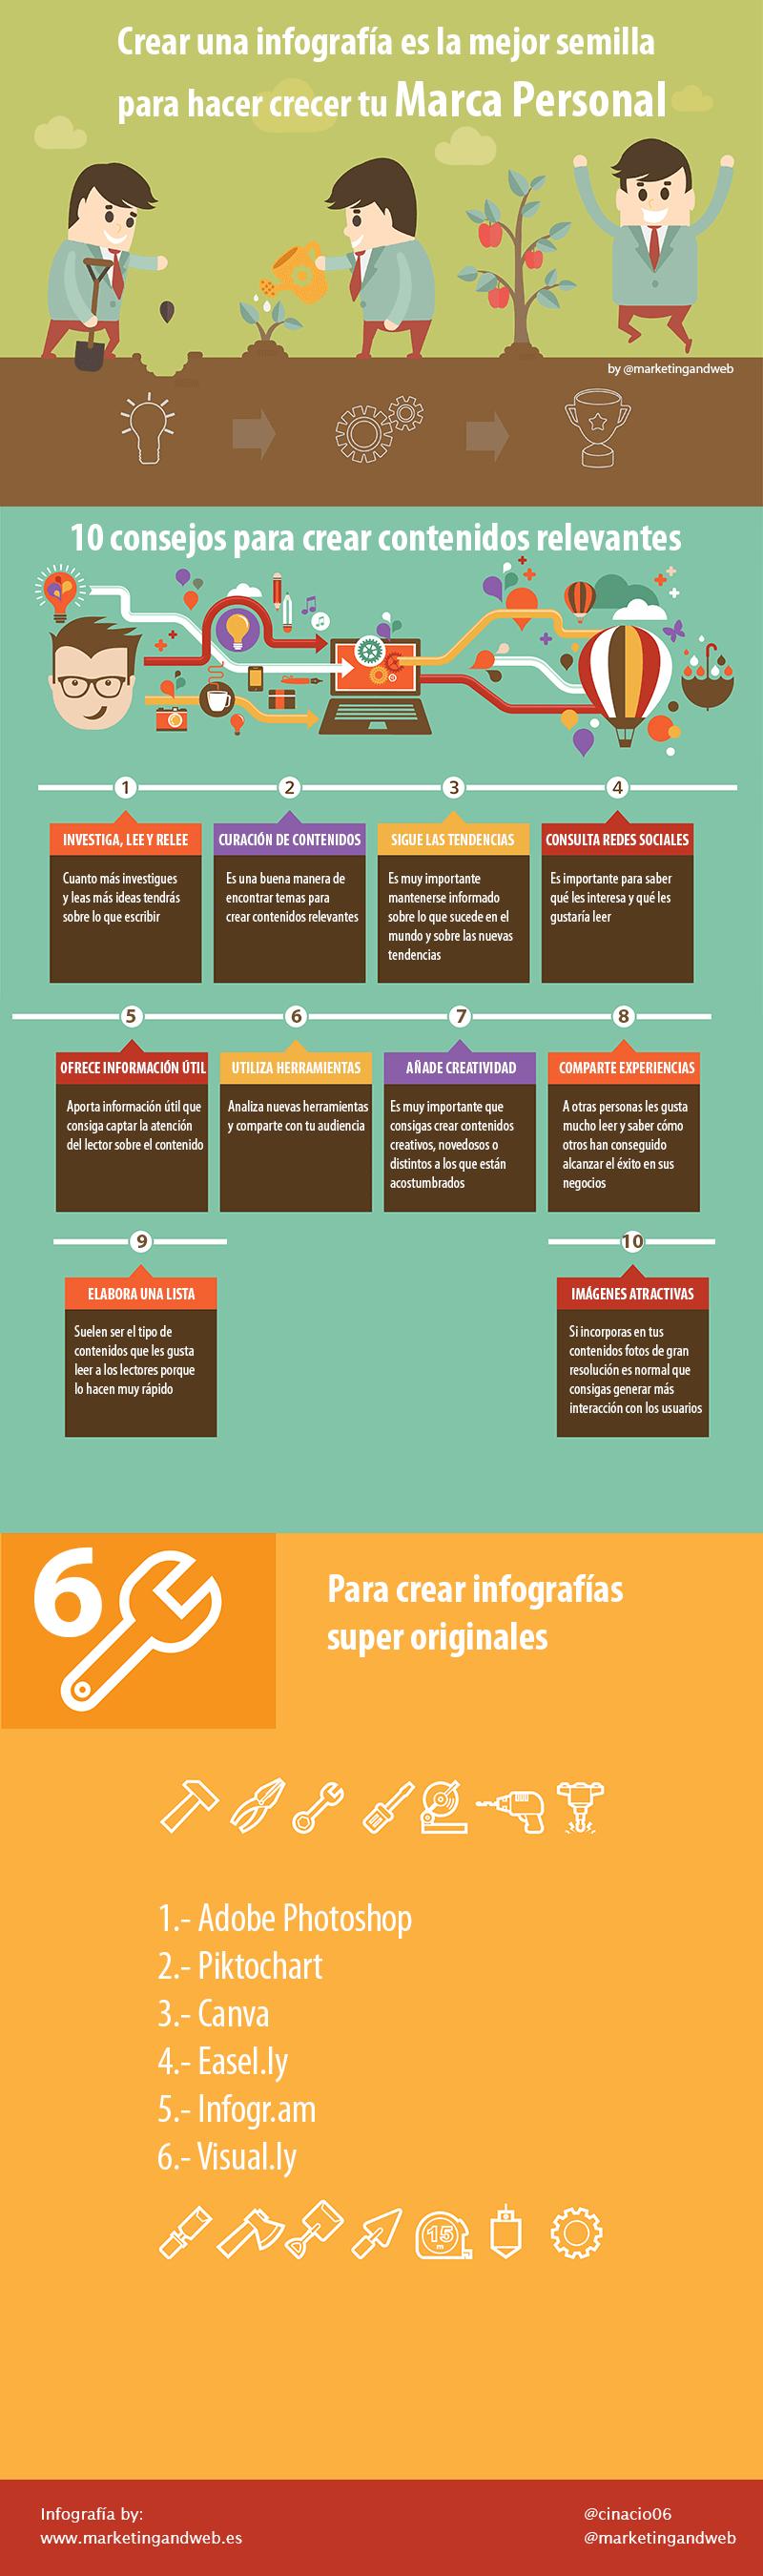 Infografia - (notitle)